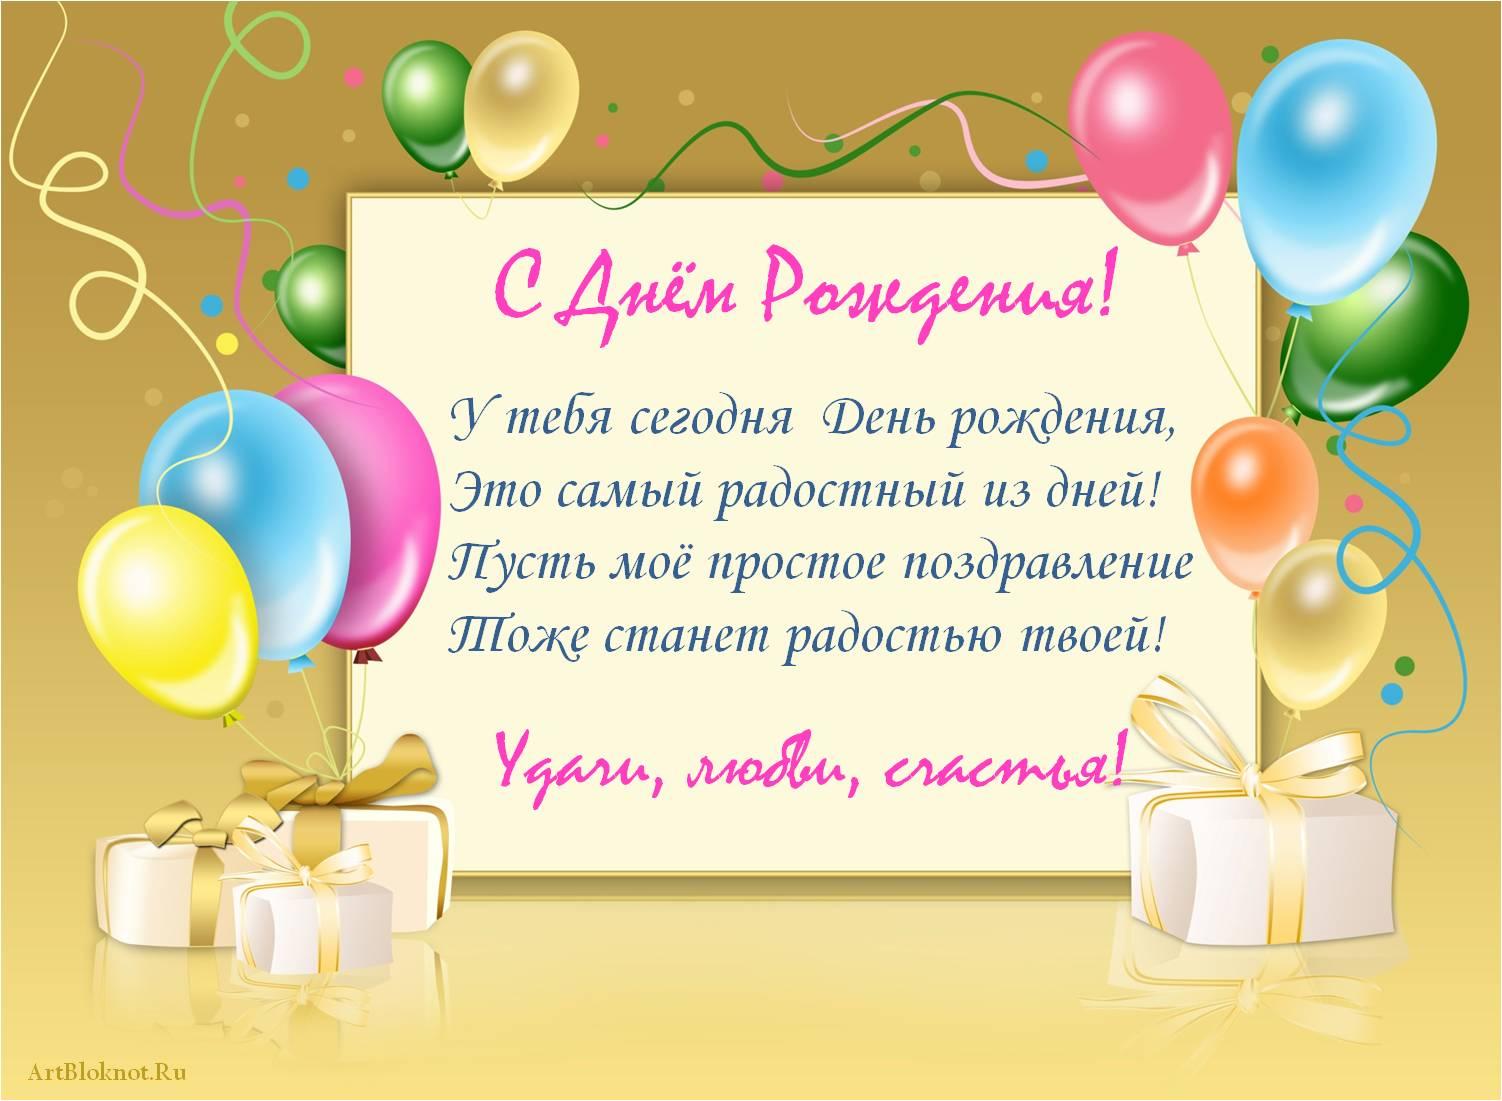 https://img-fotki.yandex.ru/get/5011/197379226.4/0_d4591_78450fc8_orig